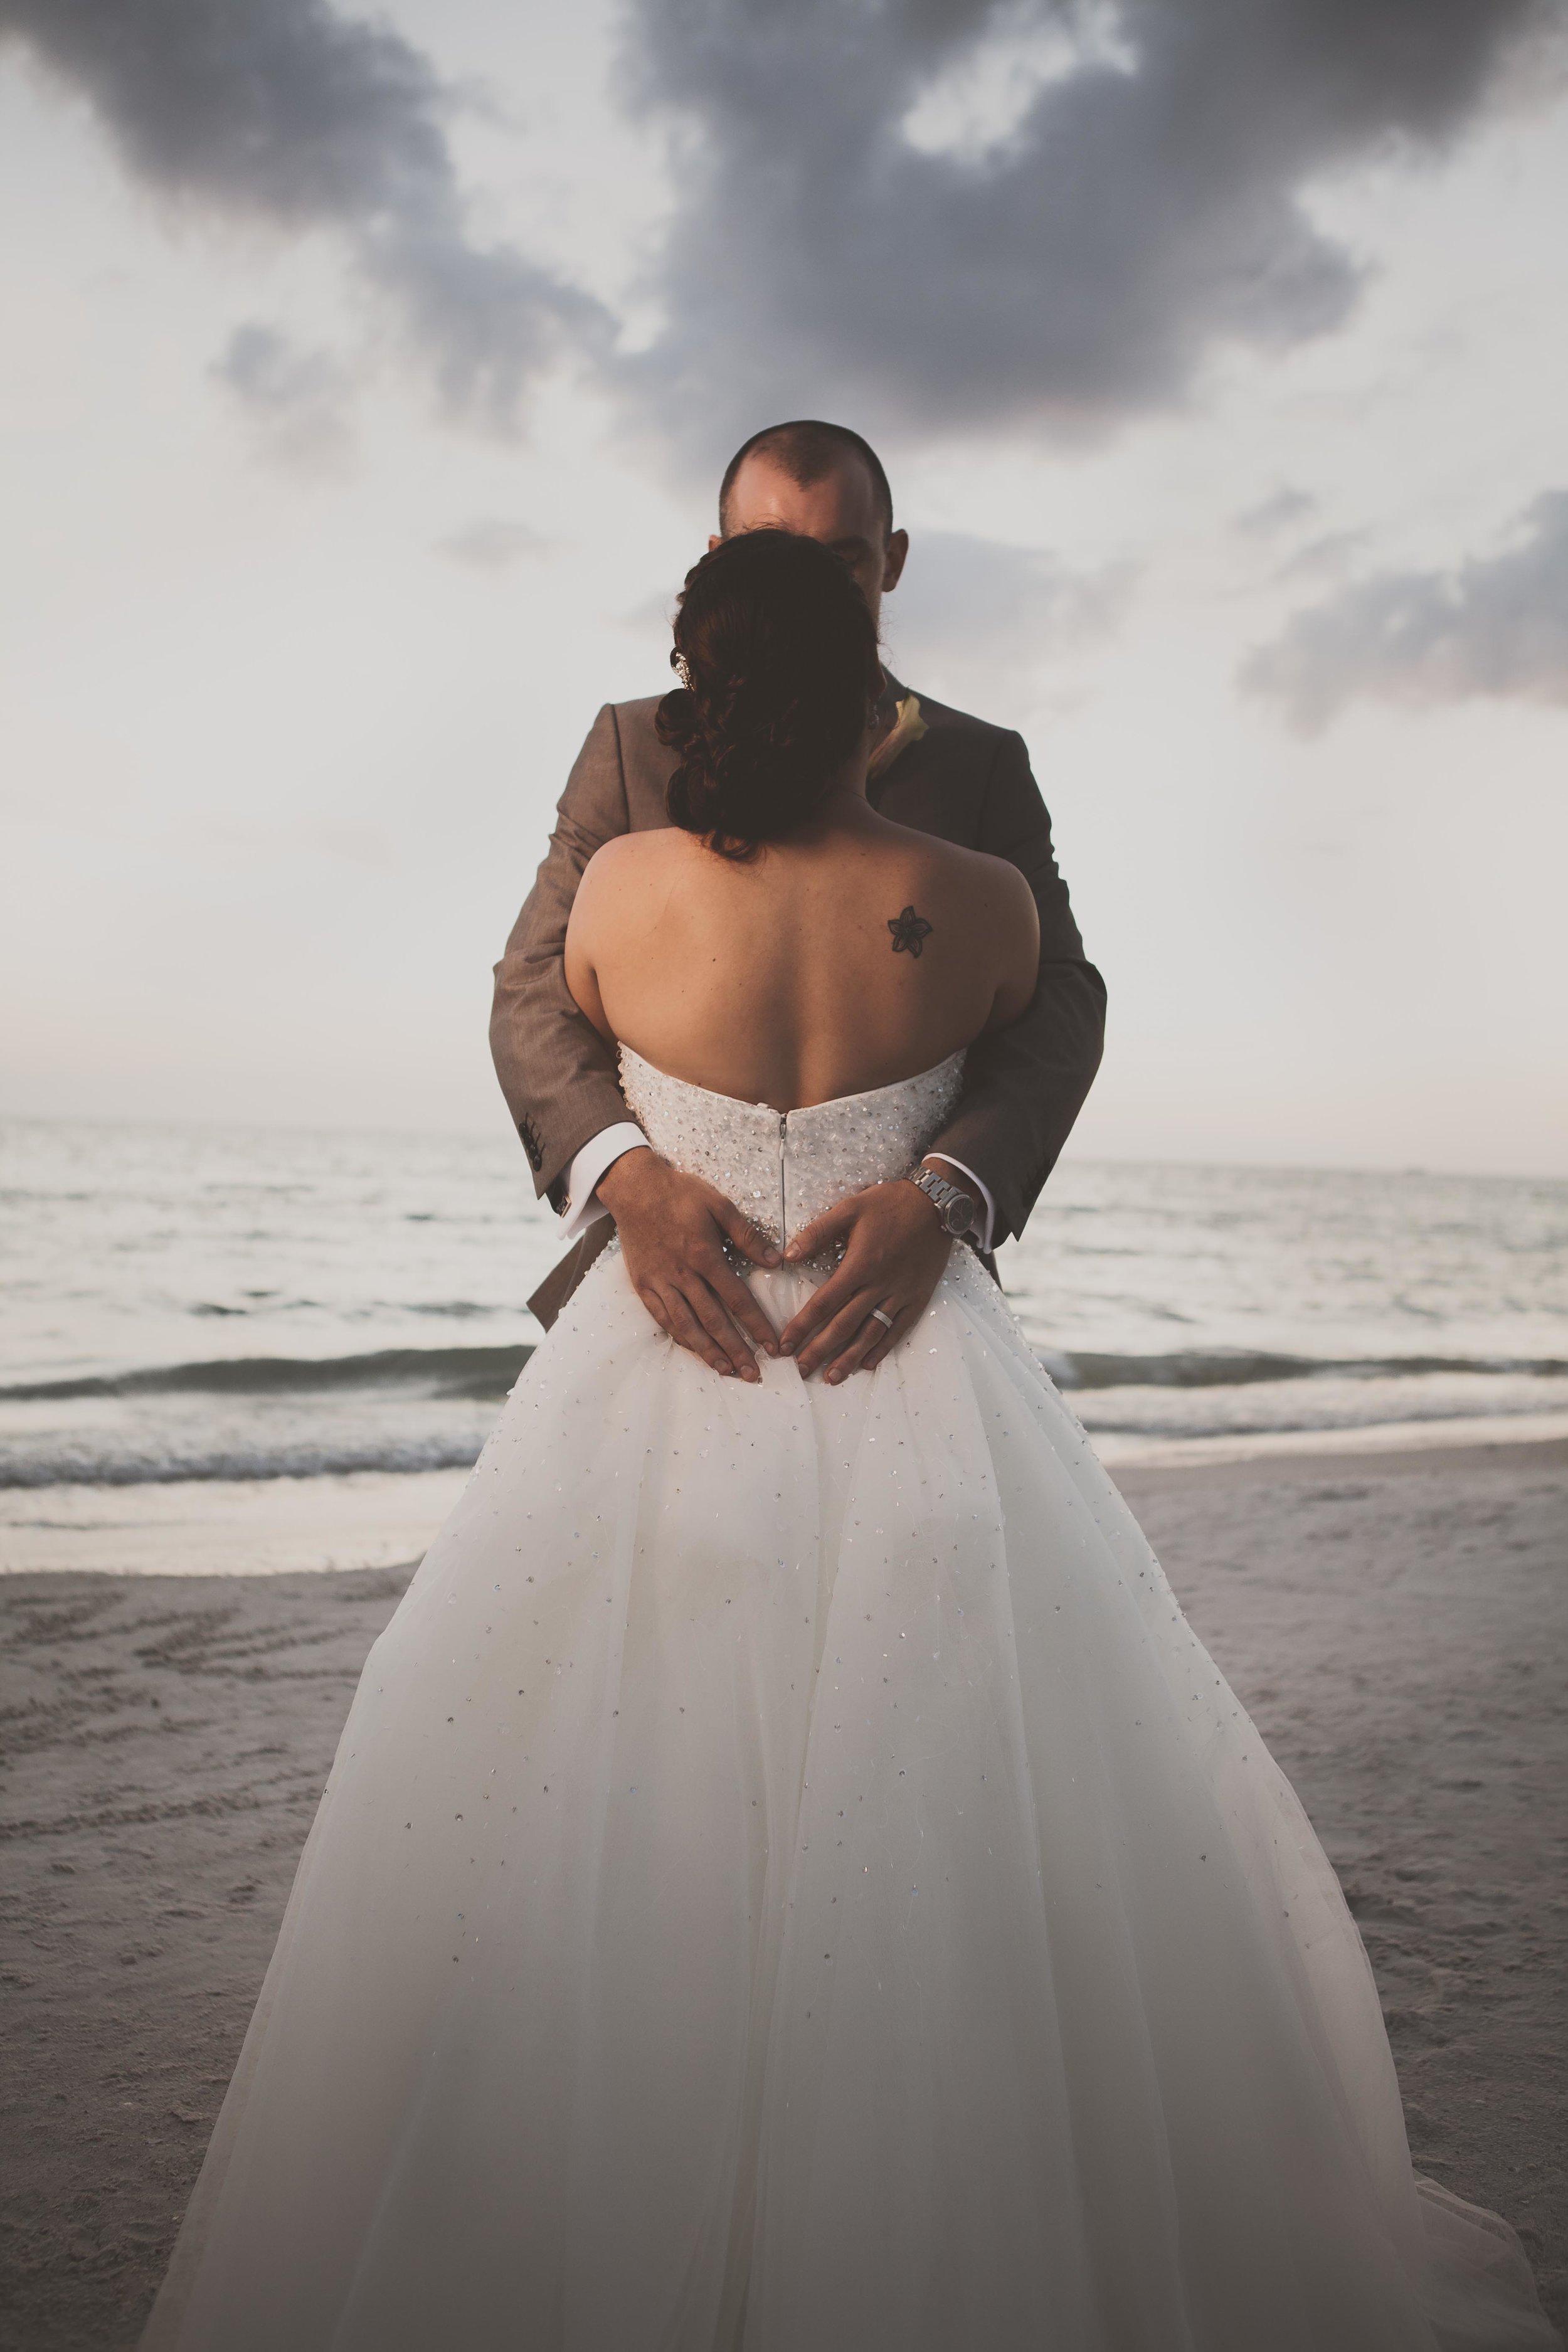 Coombs_wedding_vaniaelisephotography--49.jpg